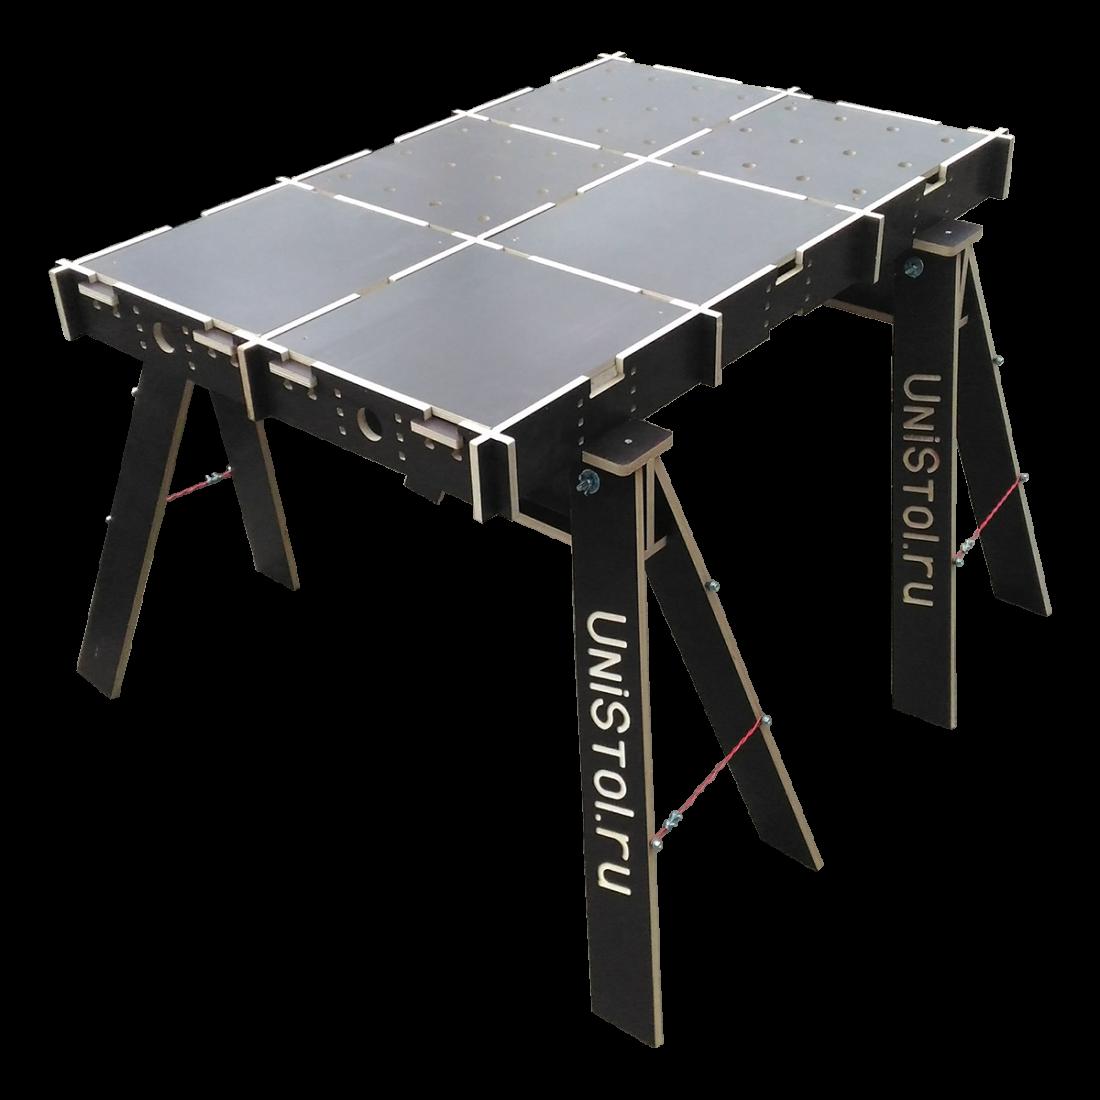 Ячеистый стол для раскроя листовых материалов 1200x800 мм со столешницой